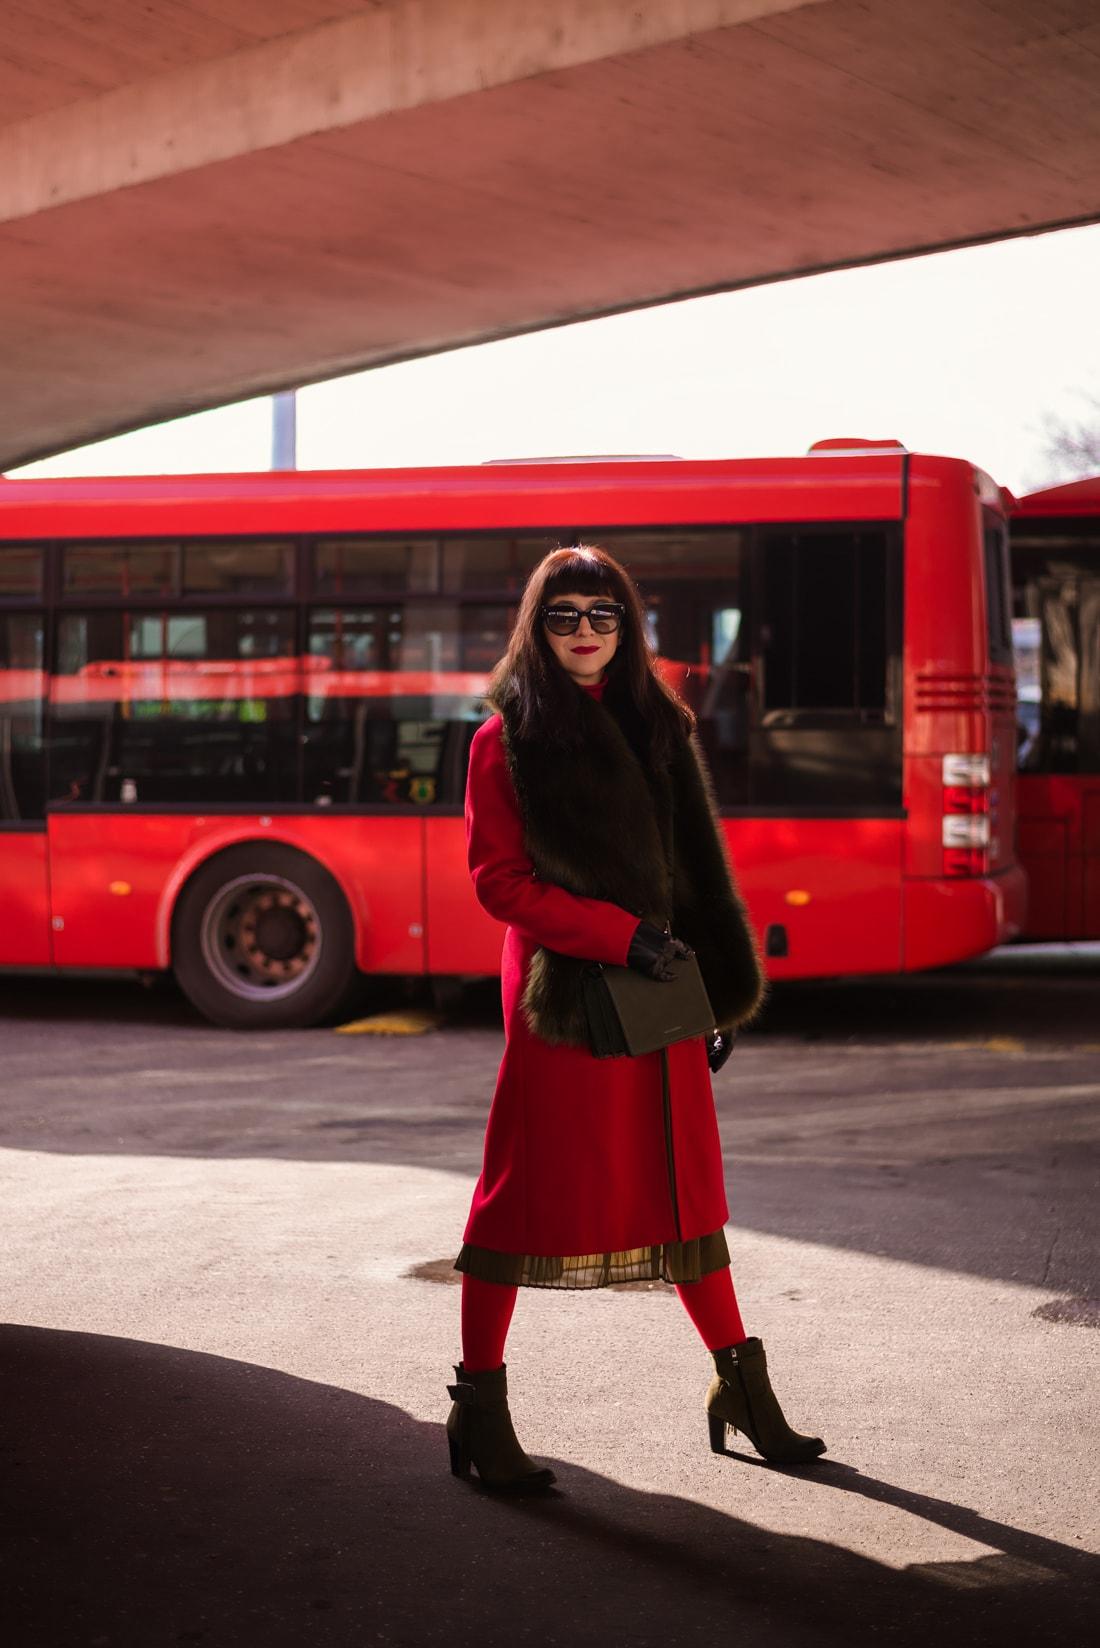 KOŽUŠINA. TAJOMSTVO ÚSPECHU ODHALENÉ._Katharine-fashion is beautiful_blog 12_Červený kabát Zara_Plisovaná sukňa_BUS_Katarína Jakubčová_Fashion blogerka